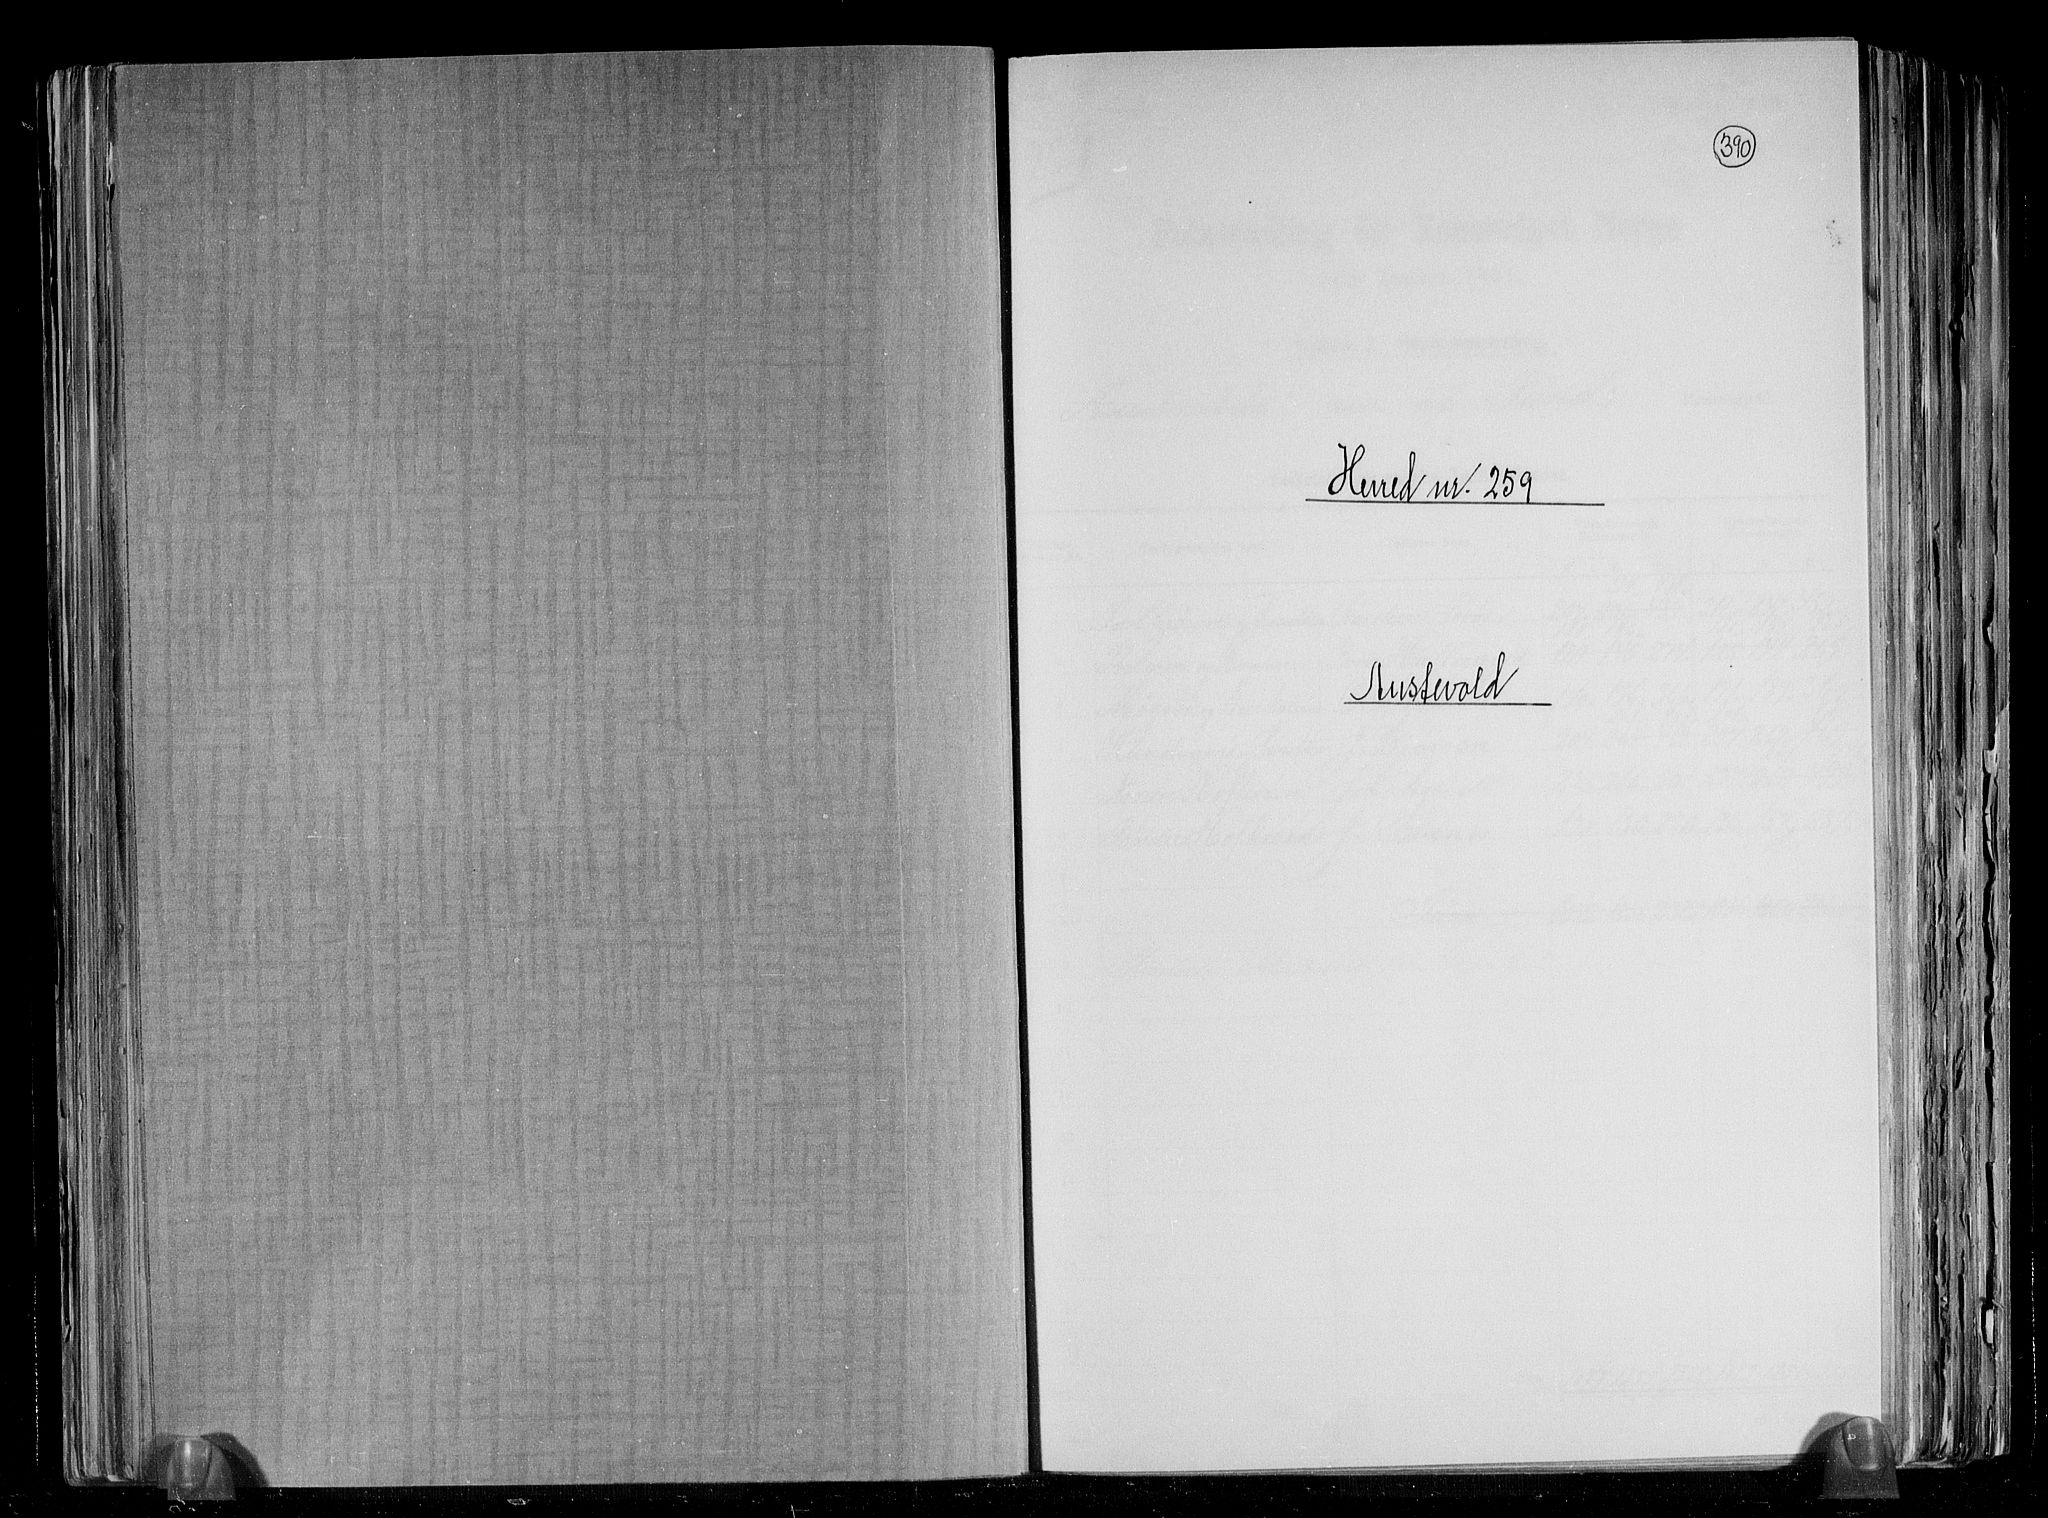 RA, Folketelling 1891 for 1244 Austevoll herred, 1891, s. 1